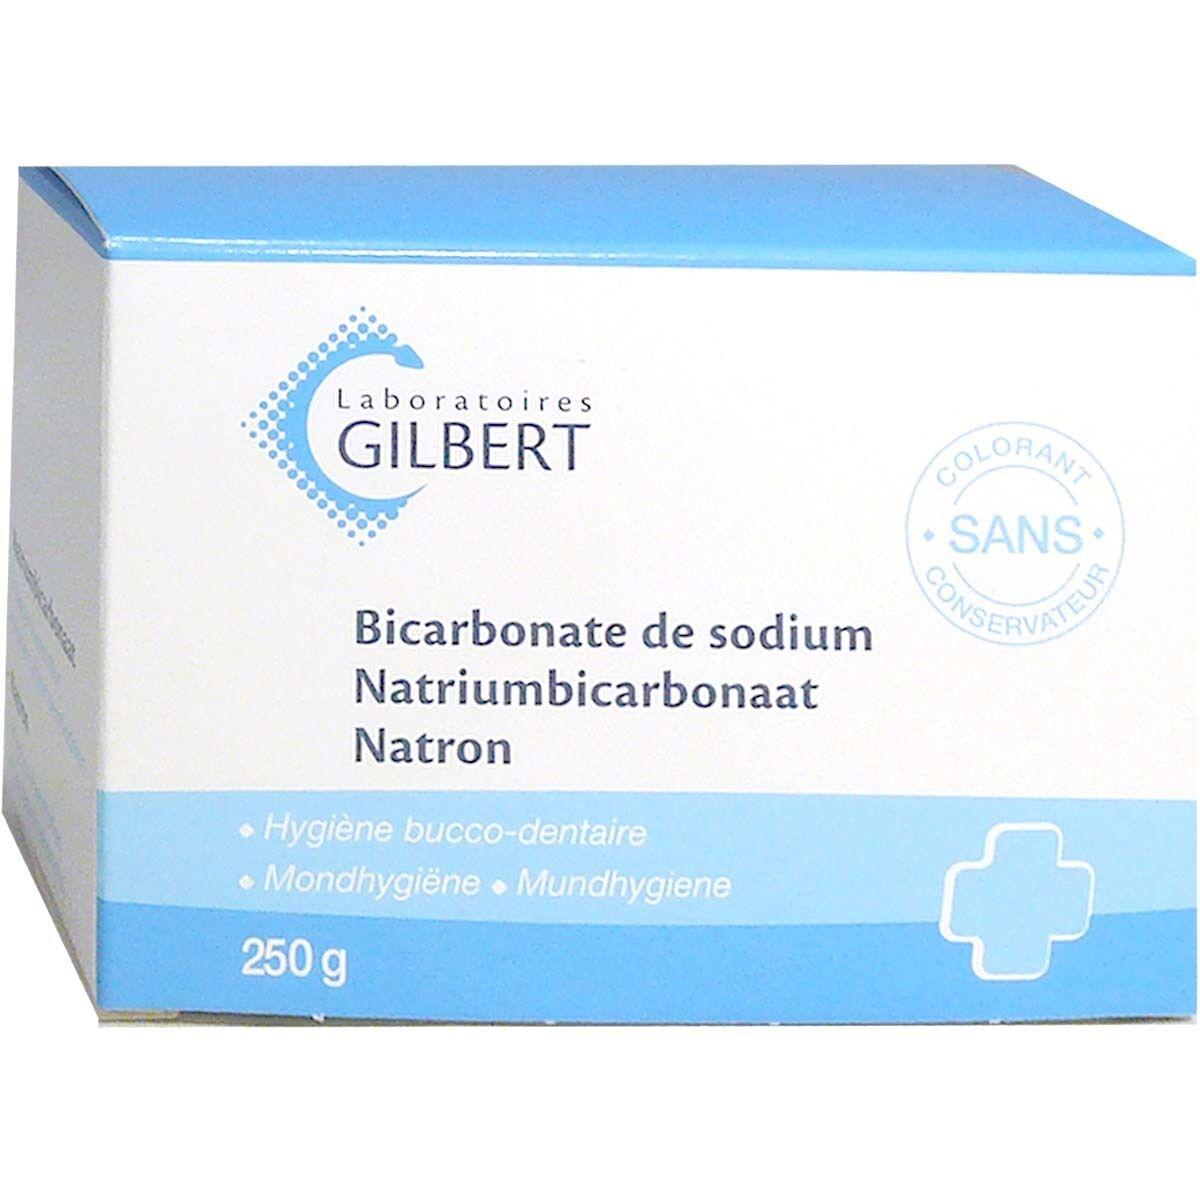 Gilbert bicarbonate de sodium sans colorant 250 g